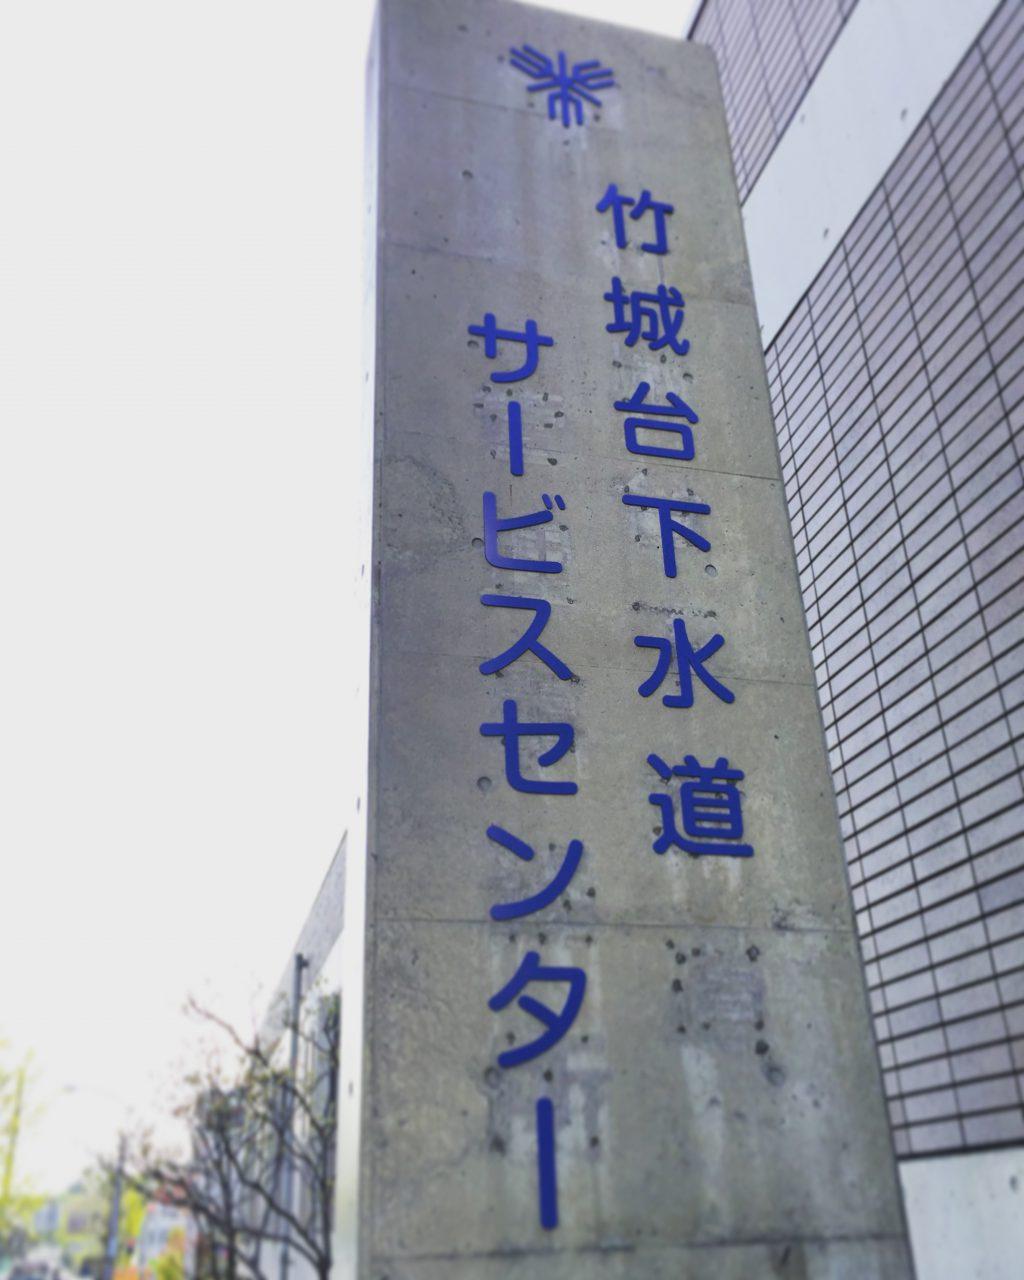 竹城台下水道サービスセンタ看板